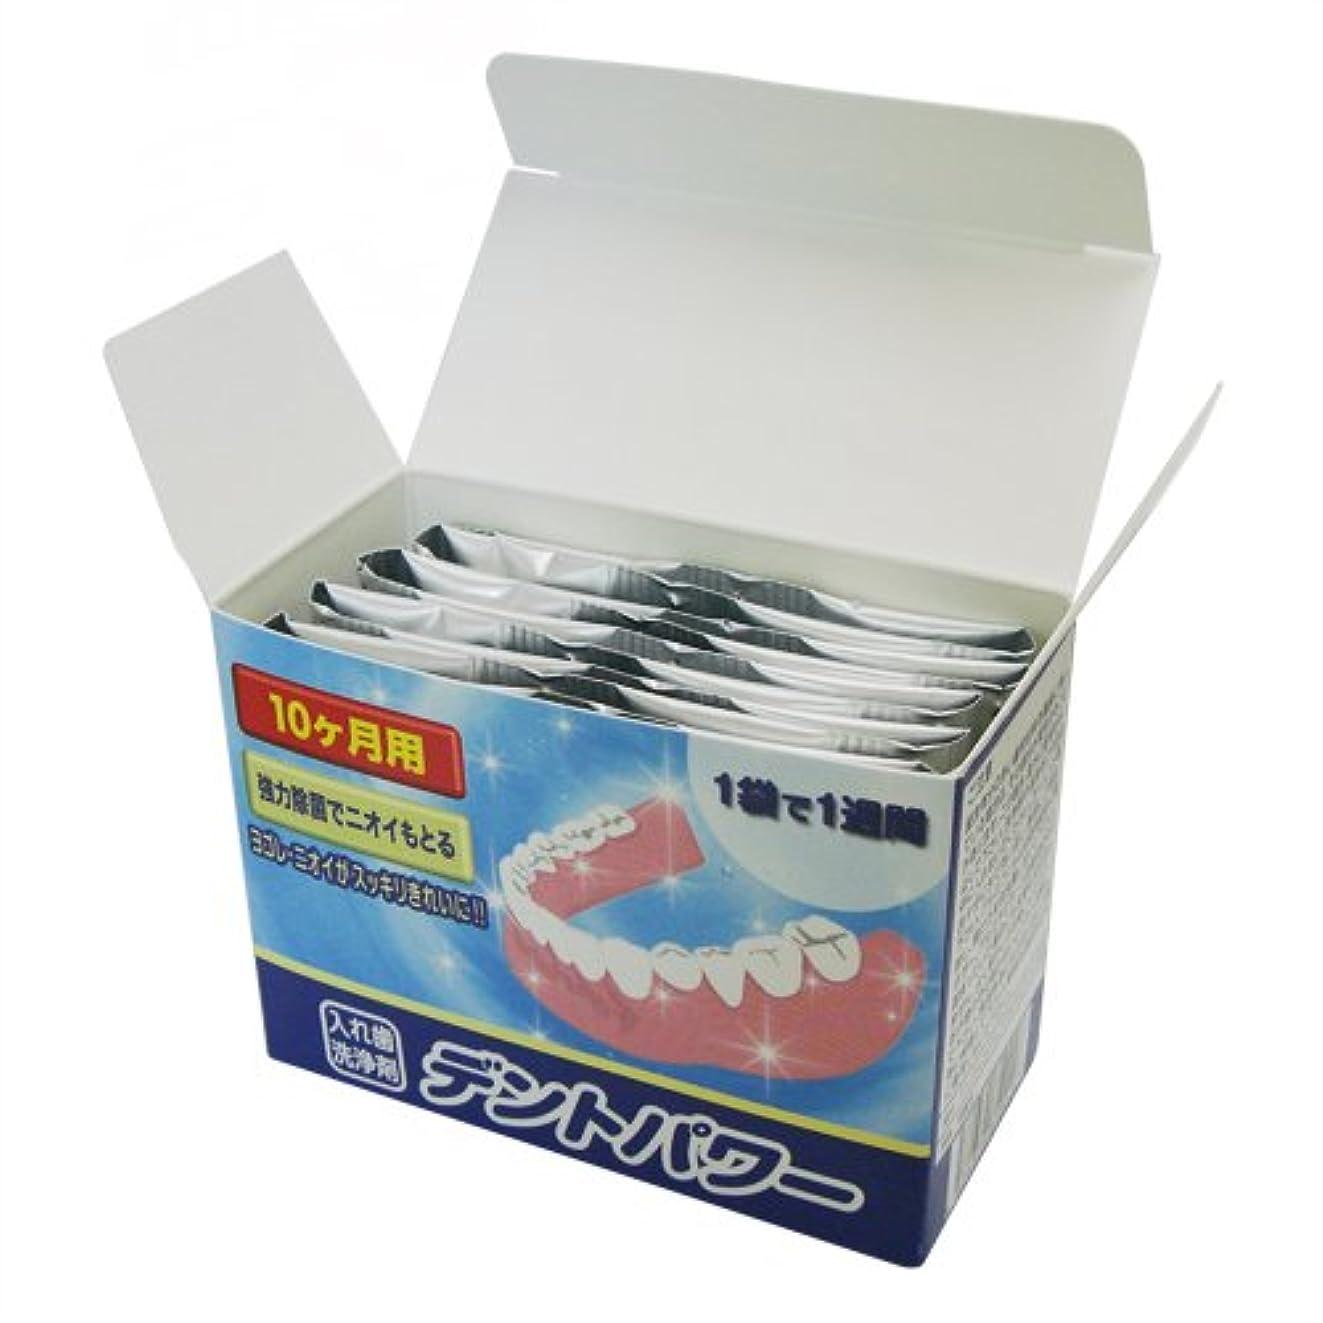 狂気飾り羽豊かなデントパワー 入れ歯洗浄剤 10ヵ月用(専用ケース無し)